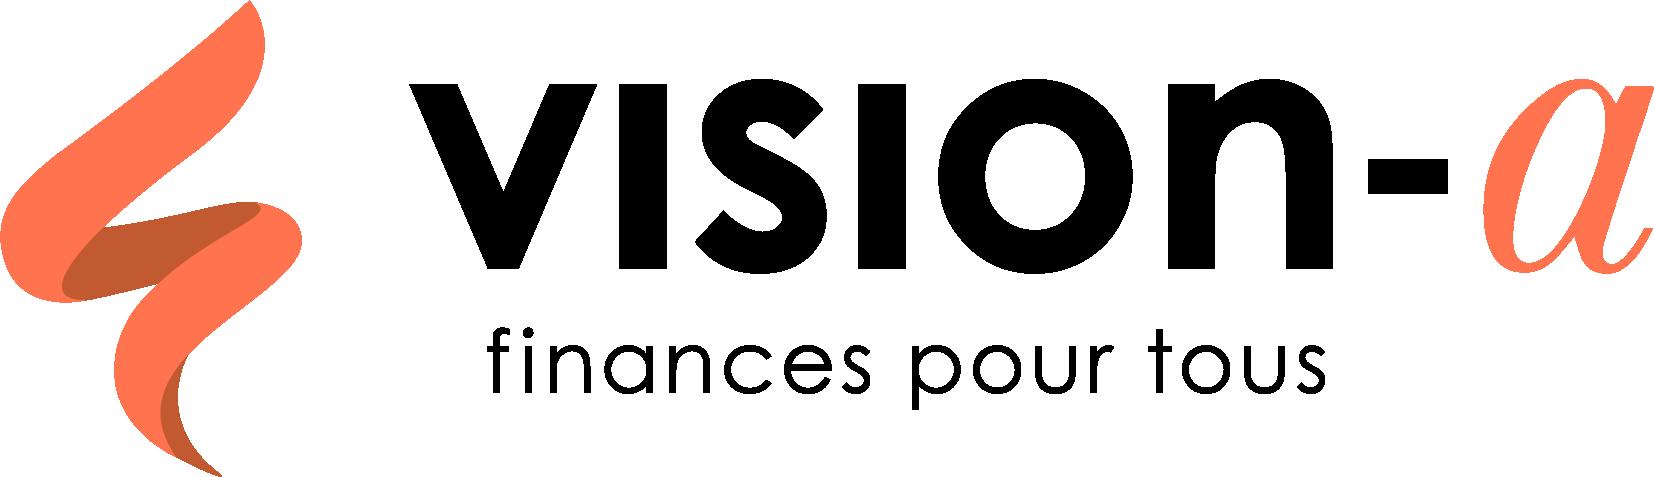 Logo vision-a - Finances pour tous